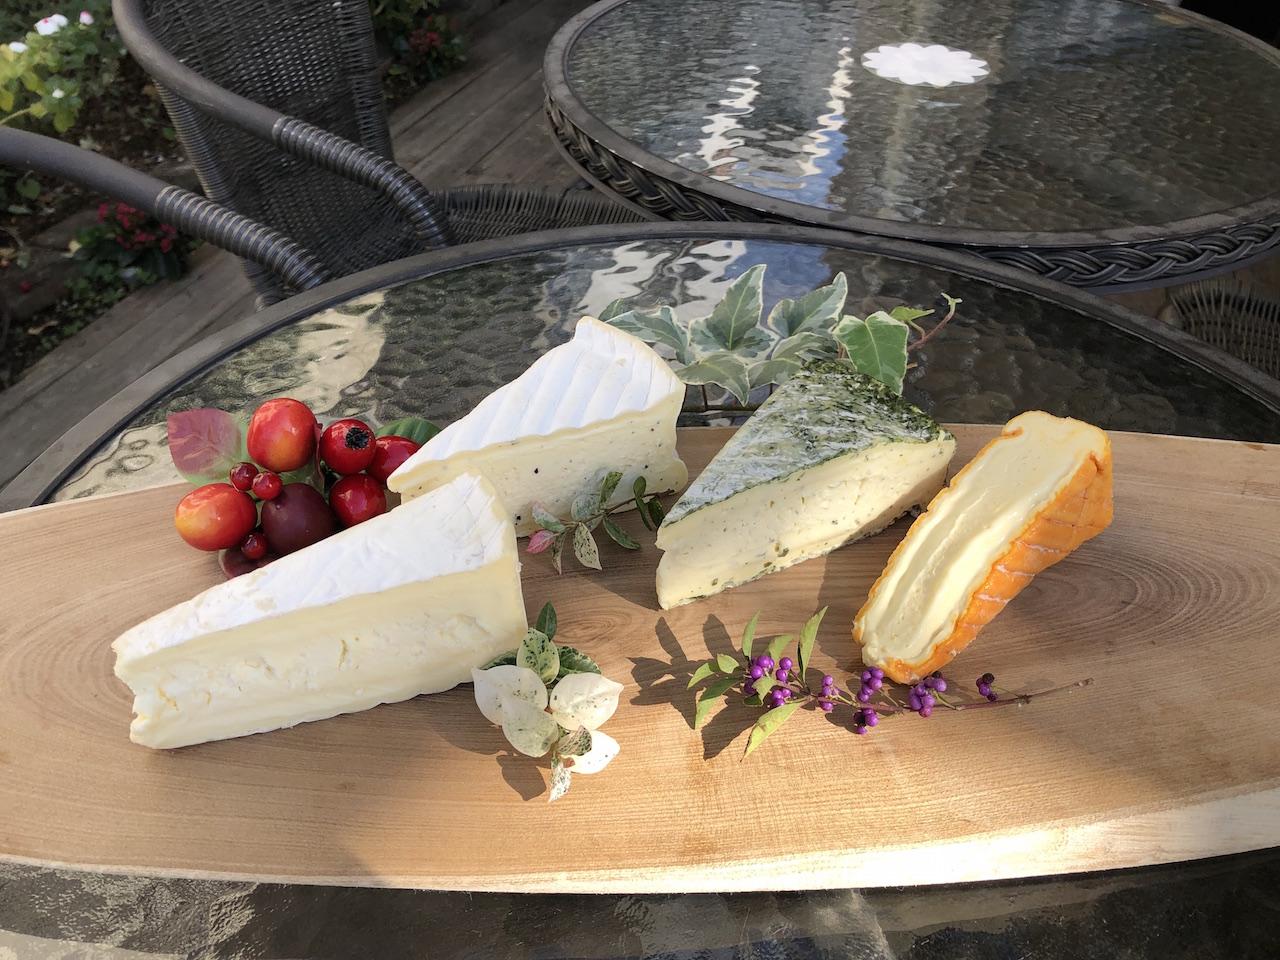 寒い冬に食べてほしい濃厚なチーズ「フロマージェ・ダフィノワ」あれこれ